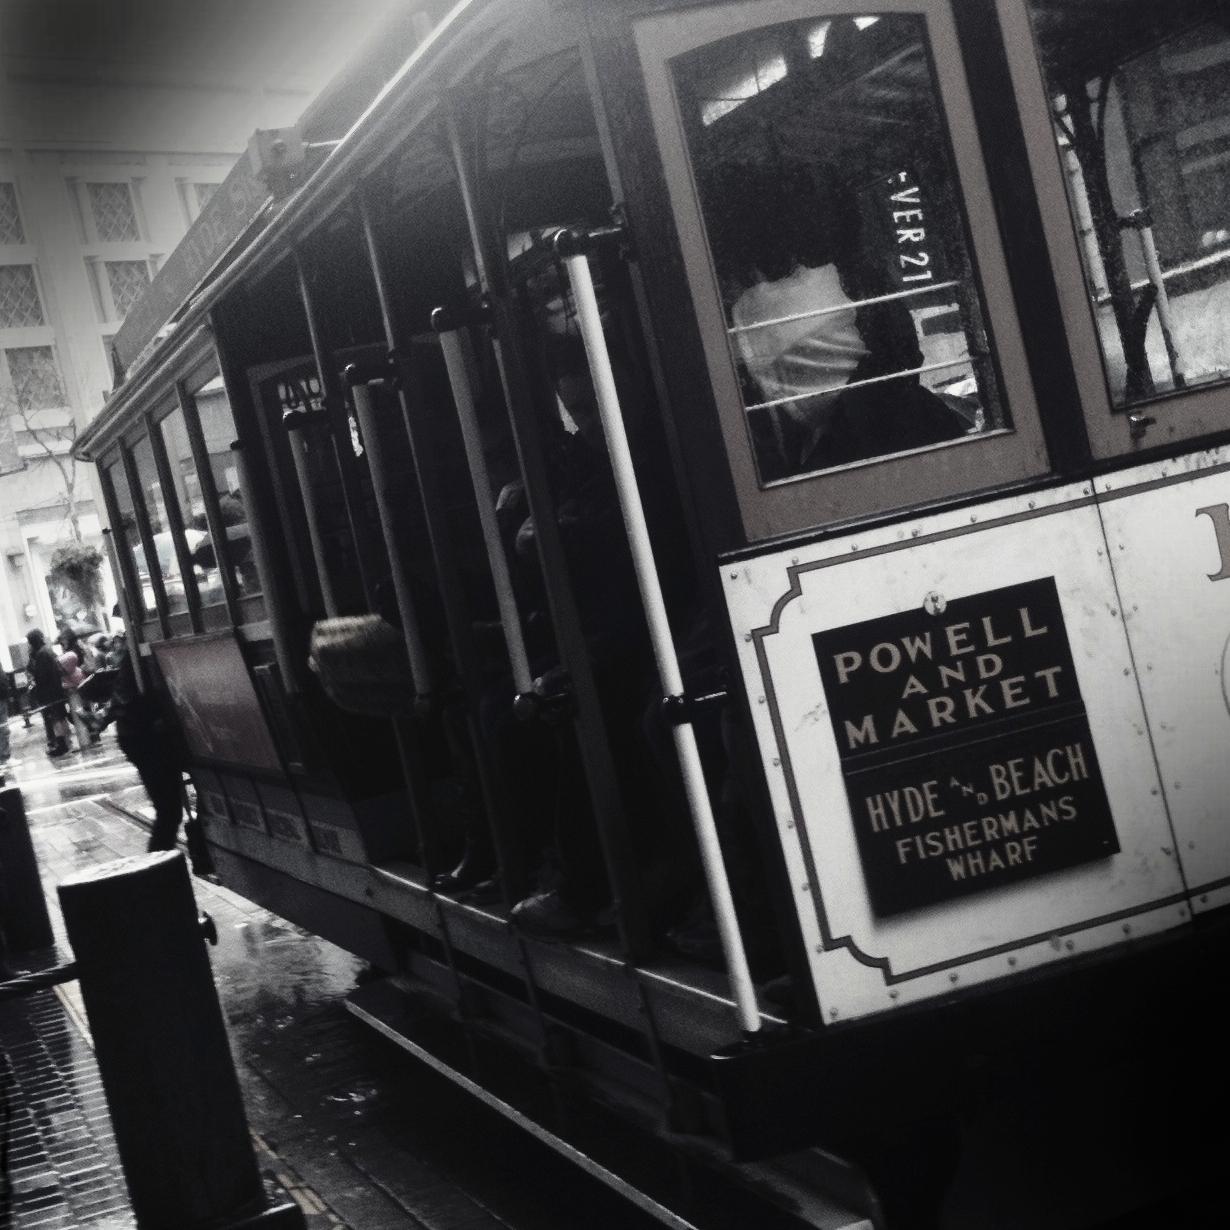 Trolly | San Francisco | 2013